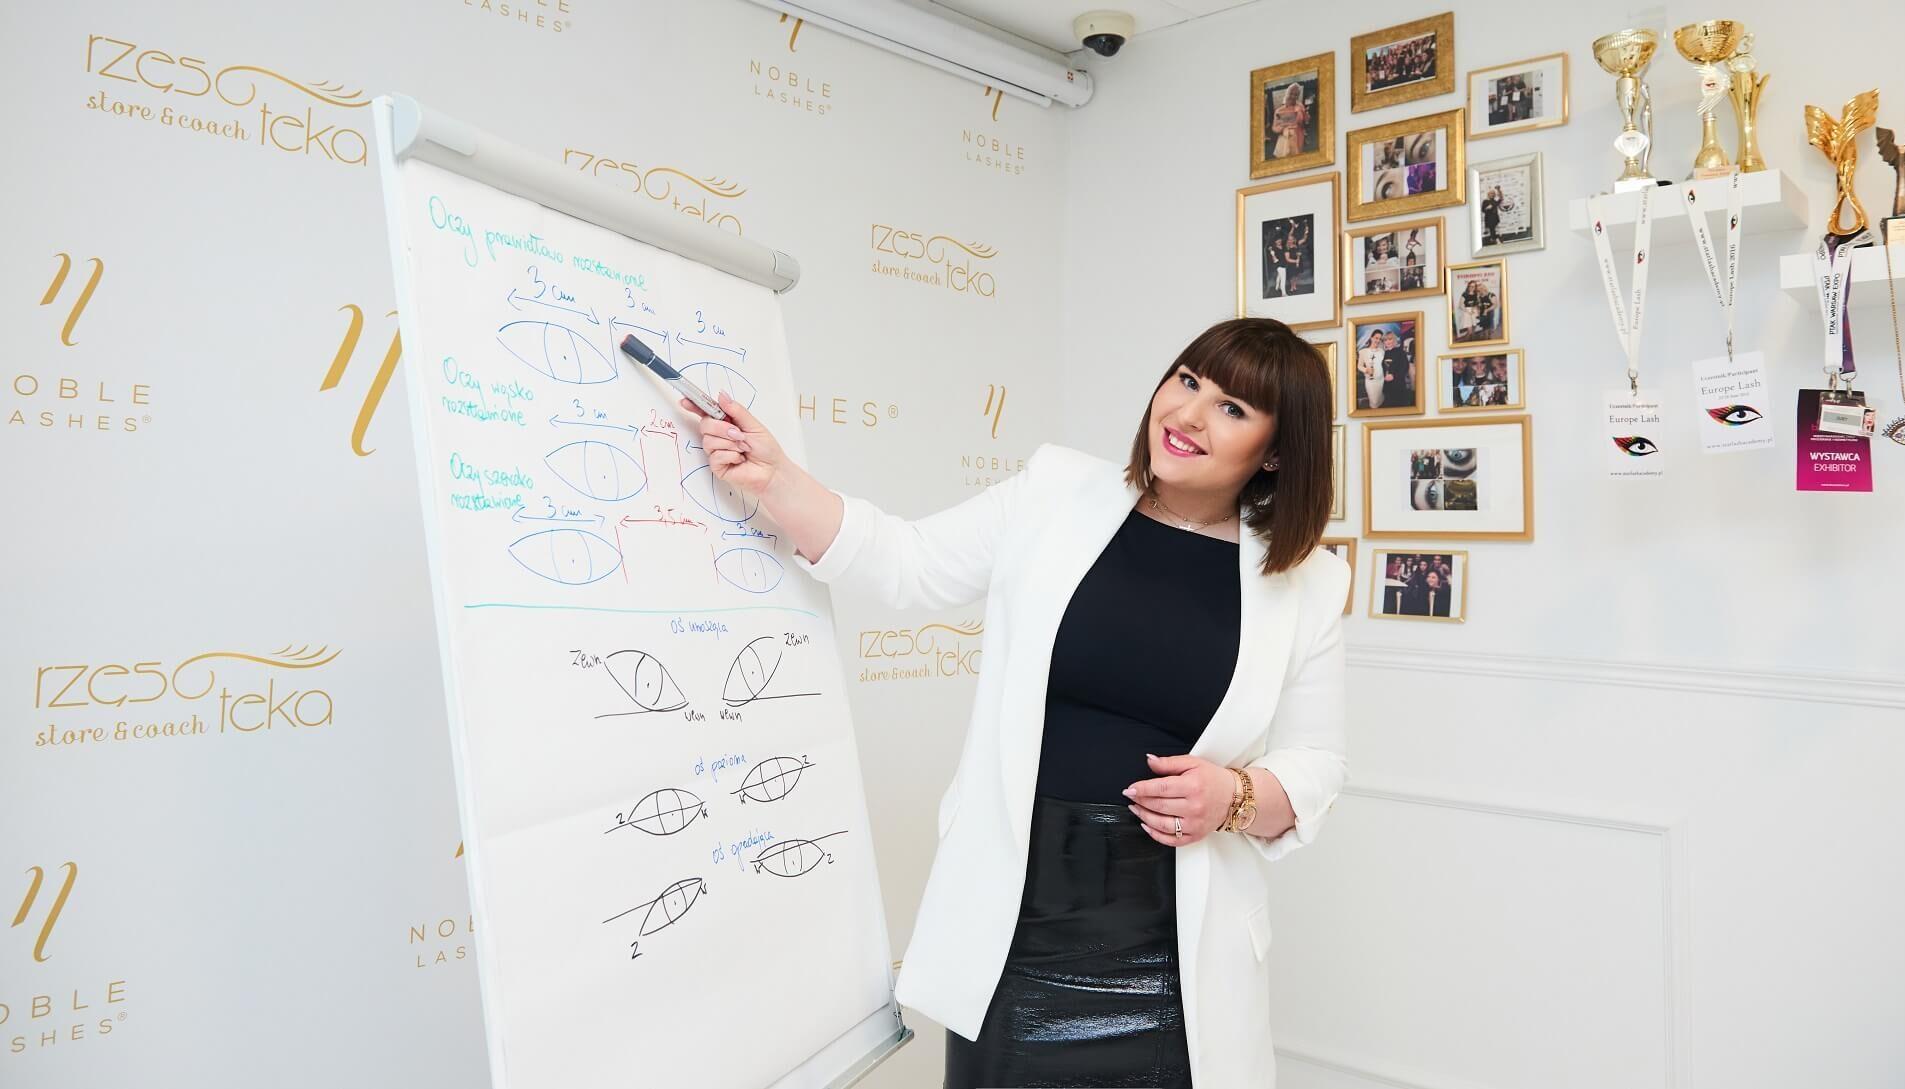 Szkolenie ze stylizacji i przedłuzania rzęs prowadzi Agnieszka Murdzek